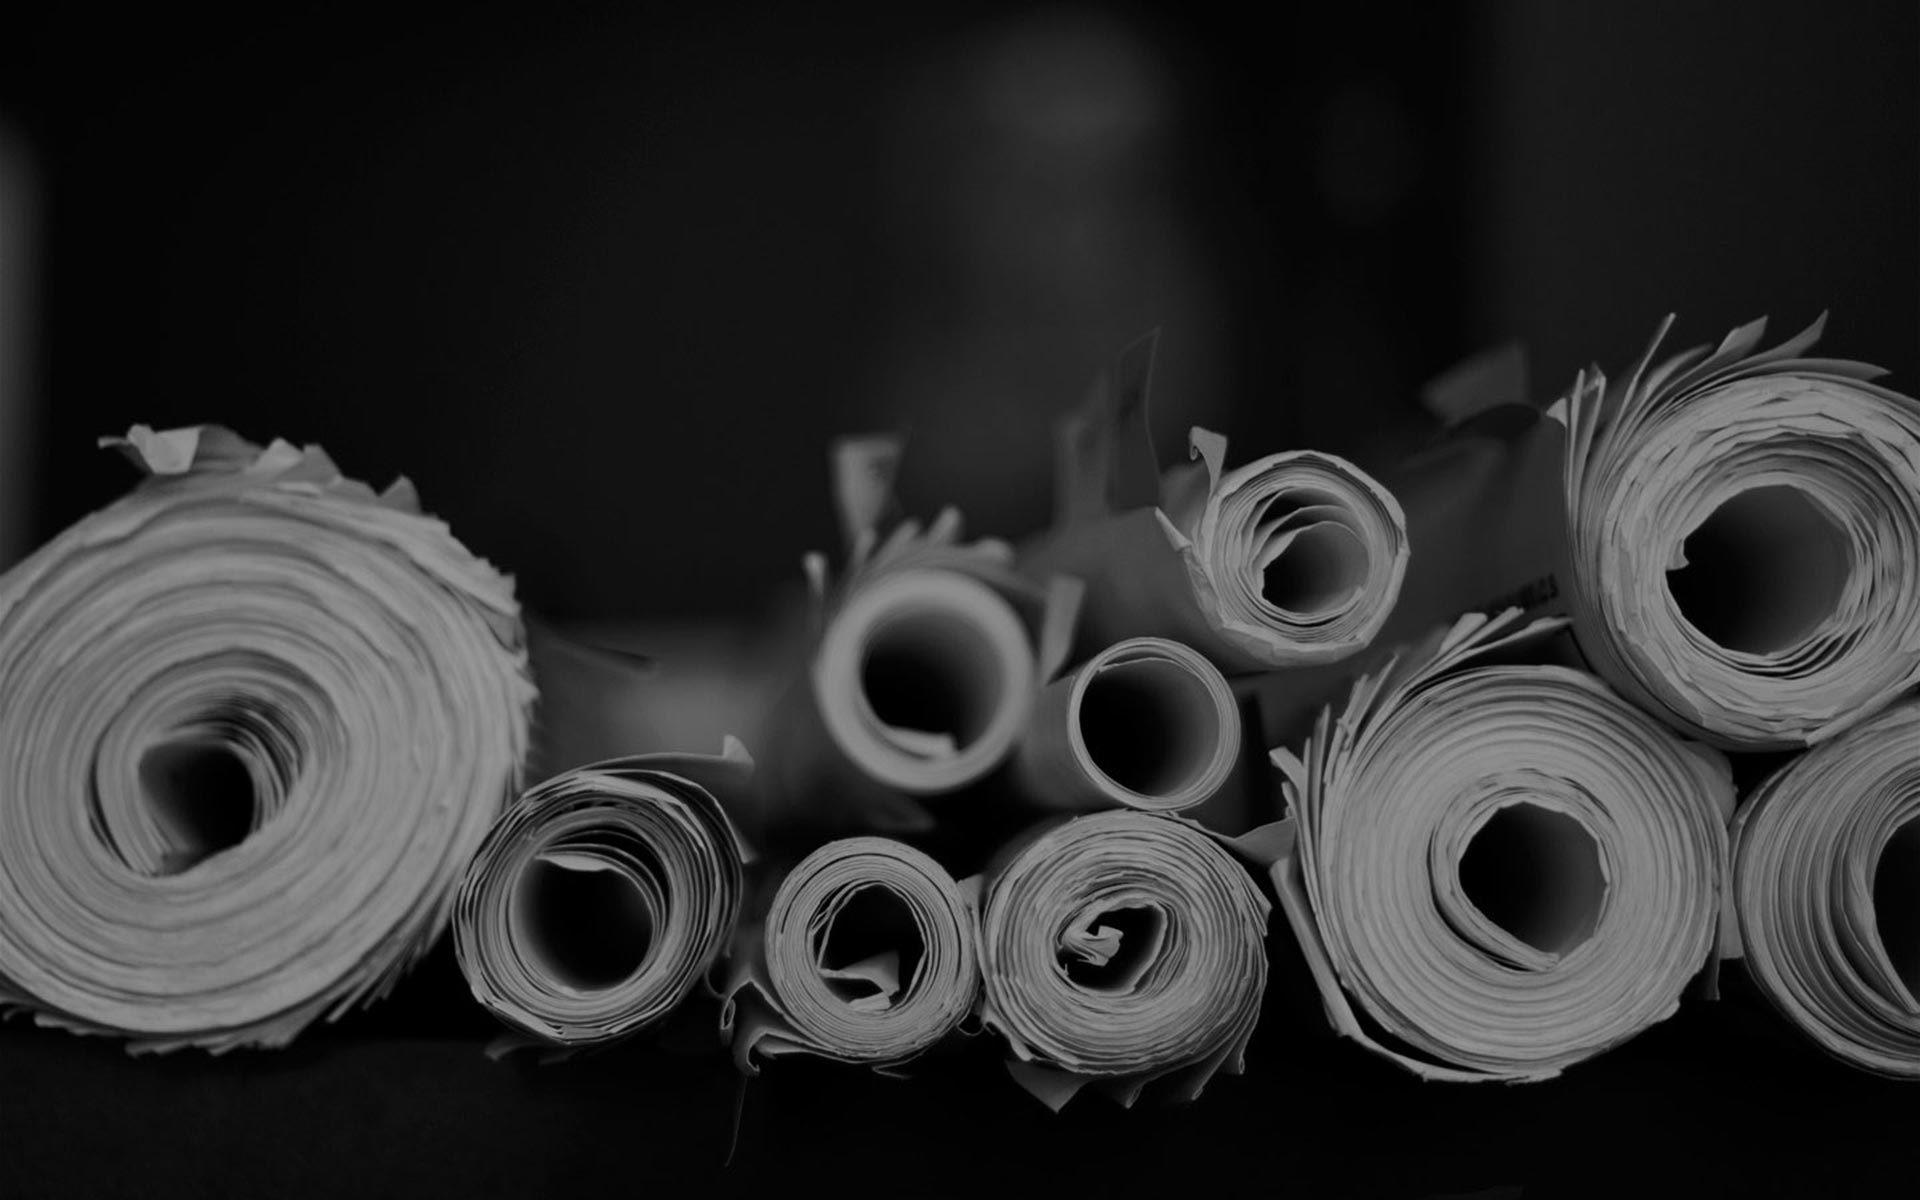 Rollos de planos en blanco y negro